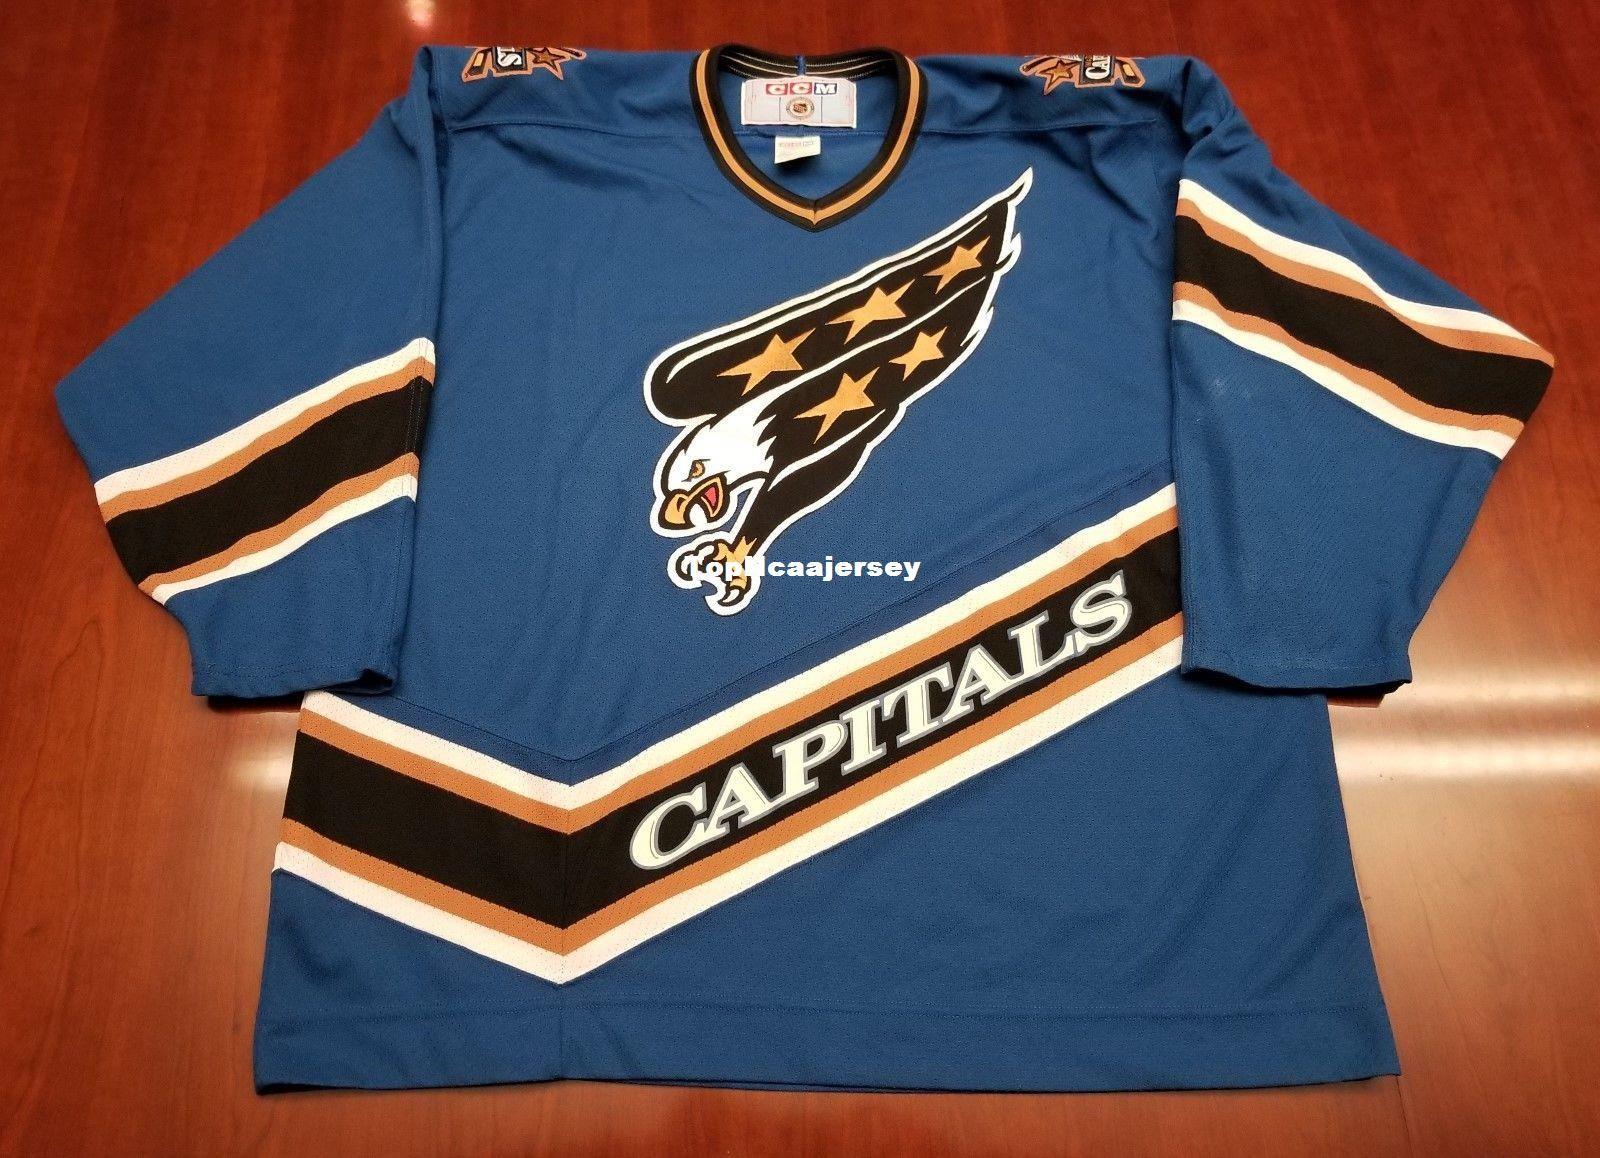 cbddaa8e9e6 2019 Wholesale Washington Capitals Vintage CCM Cheap Hockey Jersey Blue  Screaming Mens Retro Jerseys From Topncaajersey